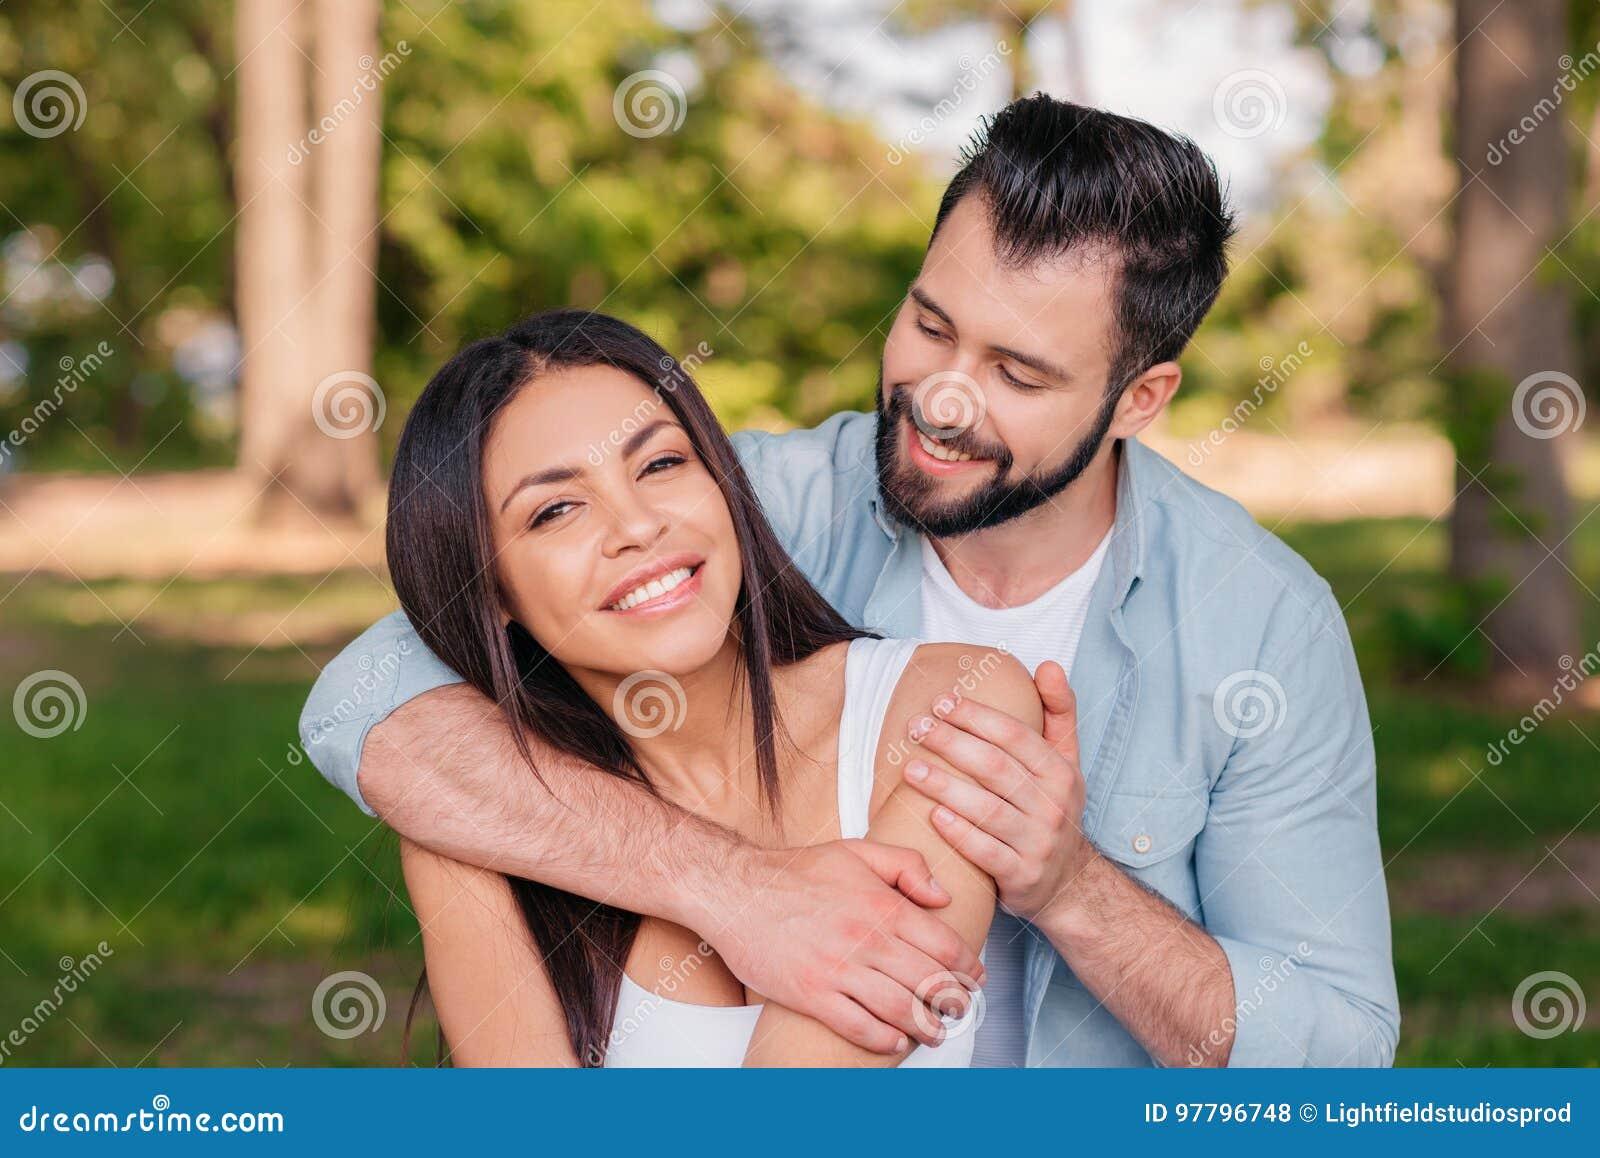 Frau ein mann wann umarmt eine Wie reagieren